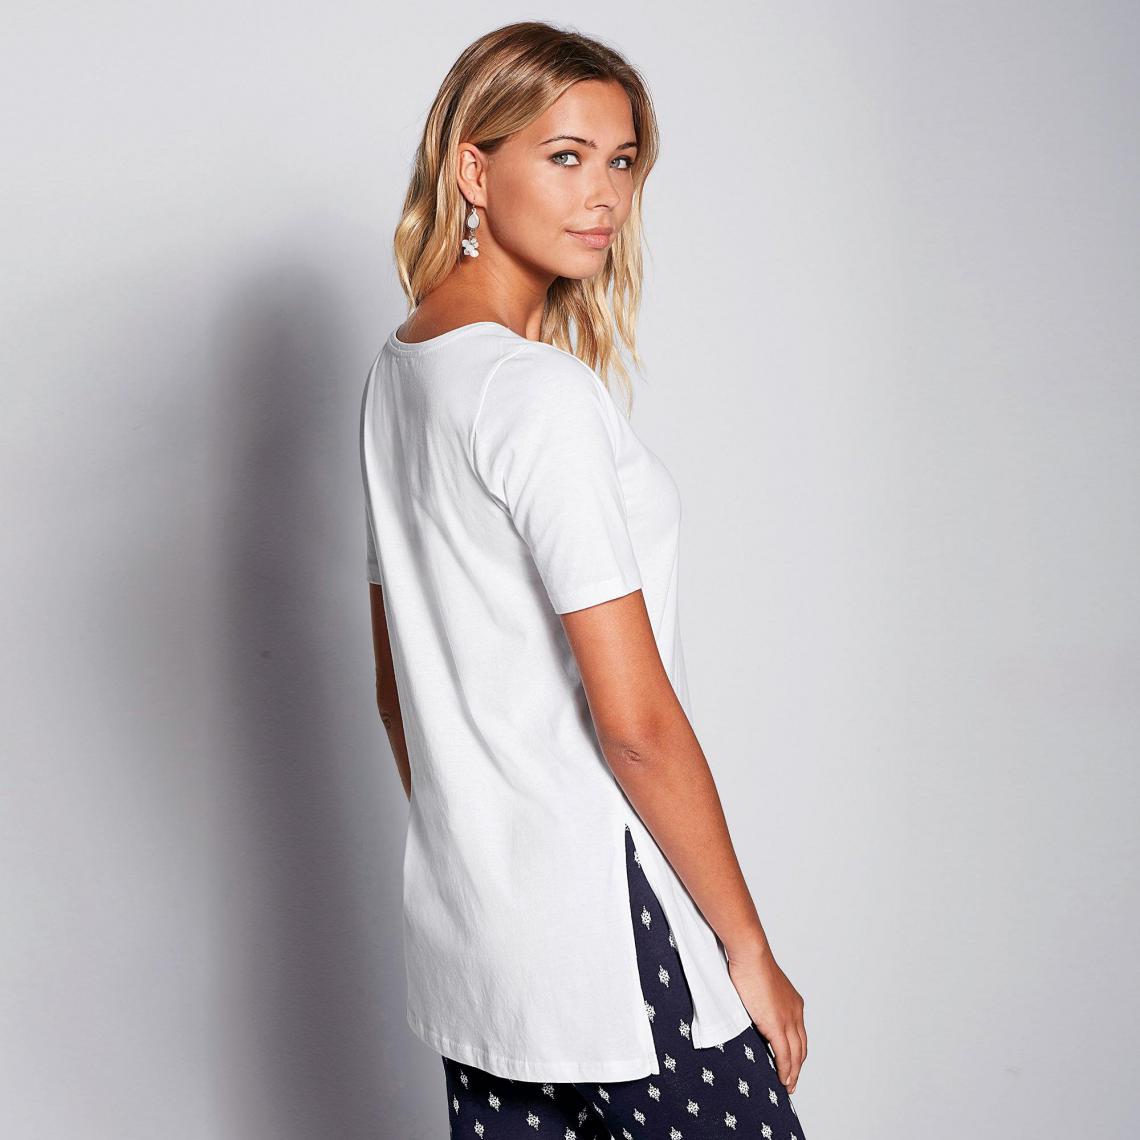 b22da8938f7 Tee-shirt long fendu manches courtes femme - Blanc